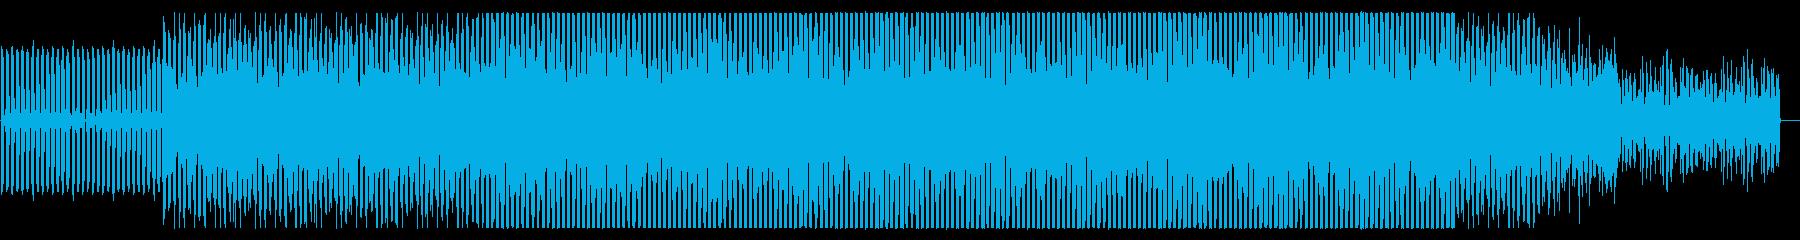 ポジティブなEDM風BGMですの再生済みの波形